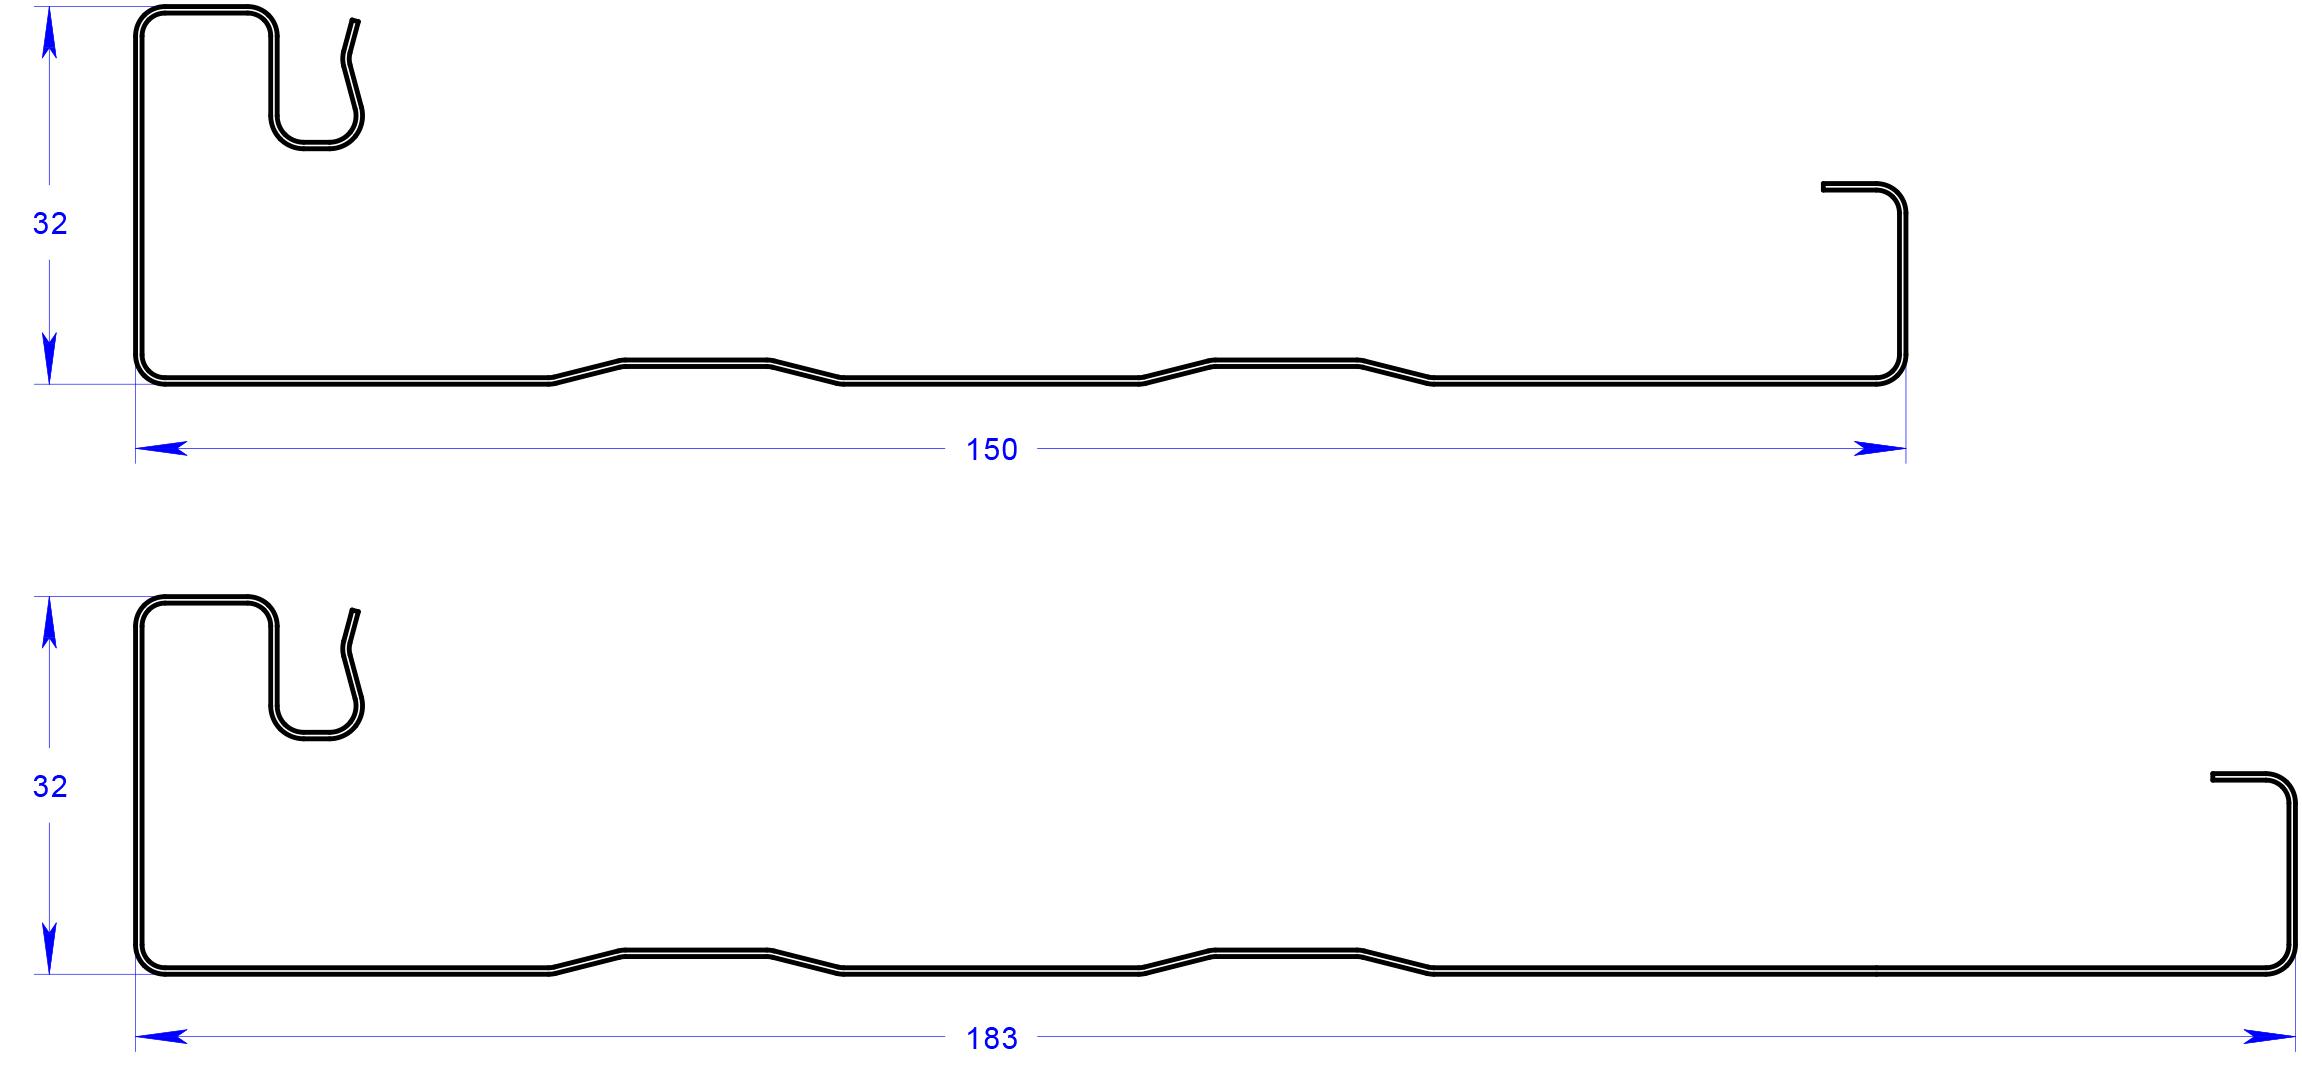 fascia profile diagram with dimensions